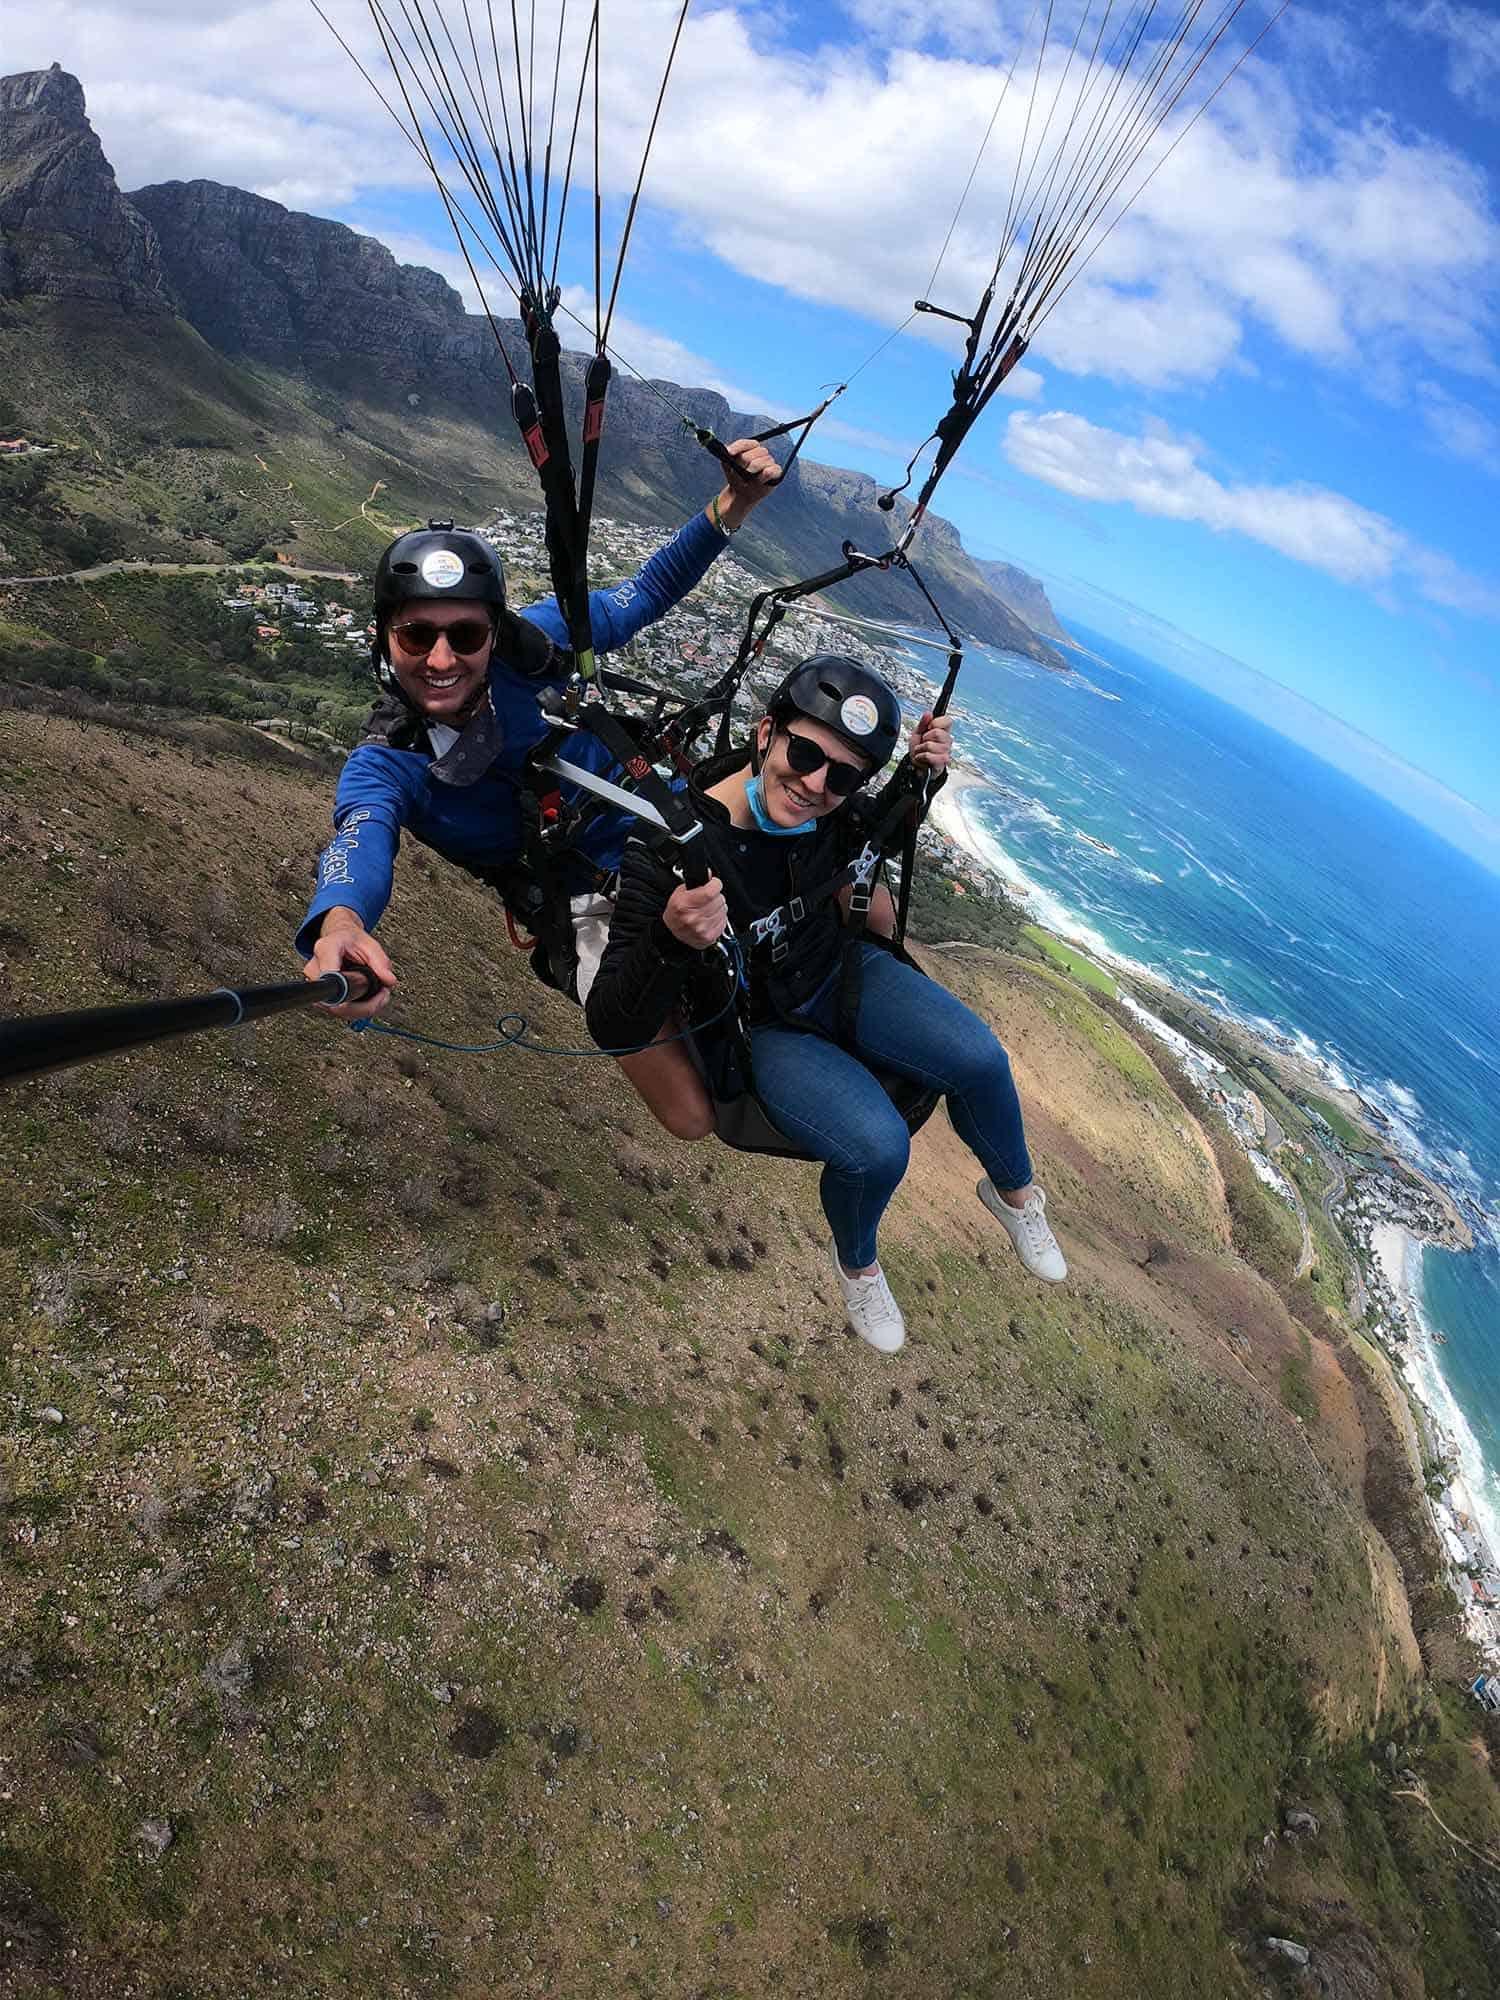 cape-hope-paragliding-35-min